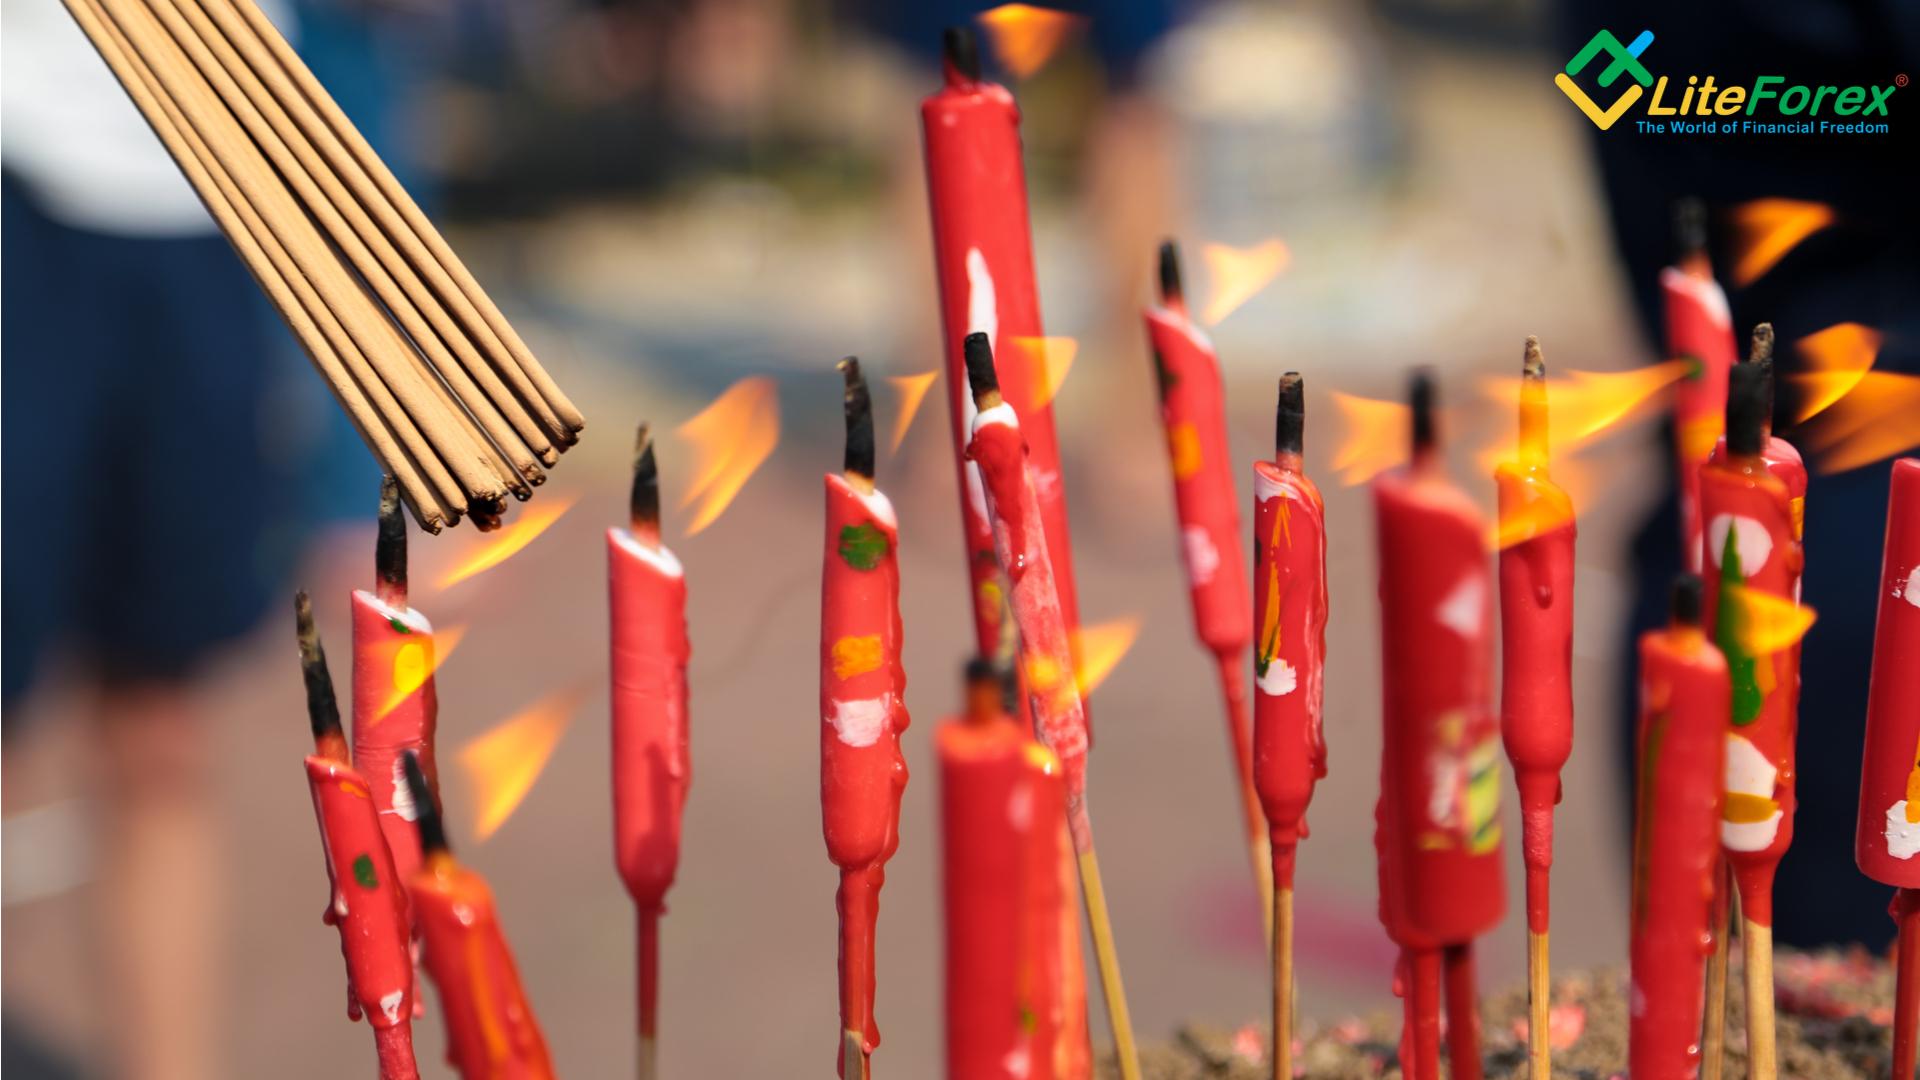 Cambio nel programma di trading in connessione con la celebrazione del giorno della luce pura Ching Ming Festival in Cina